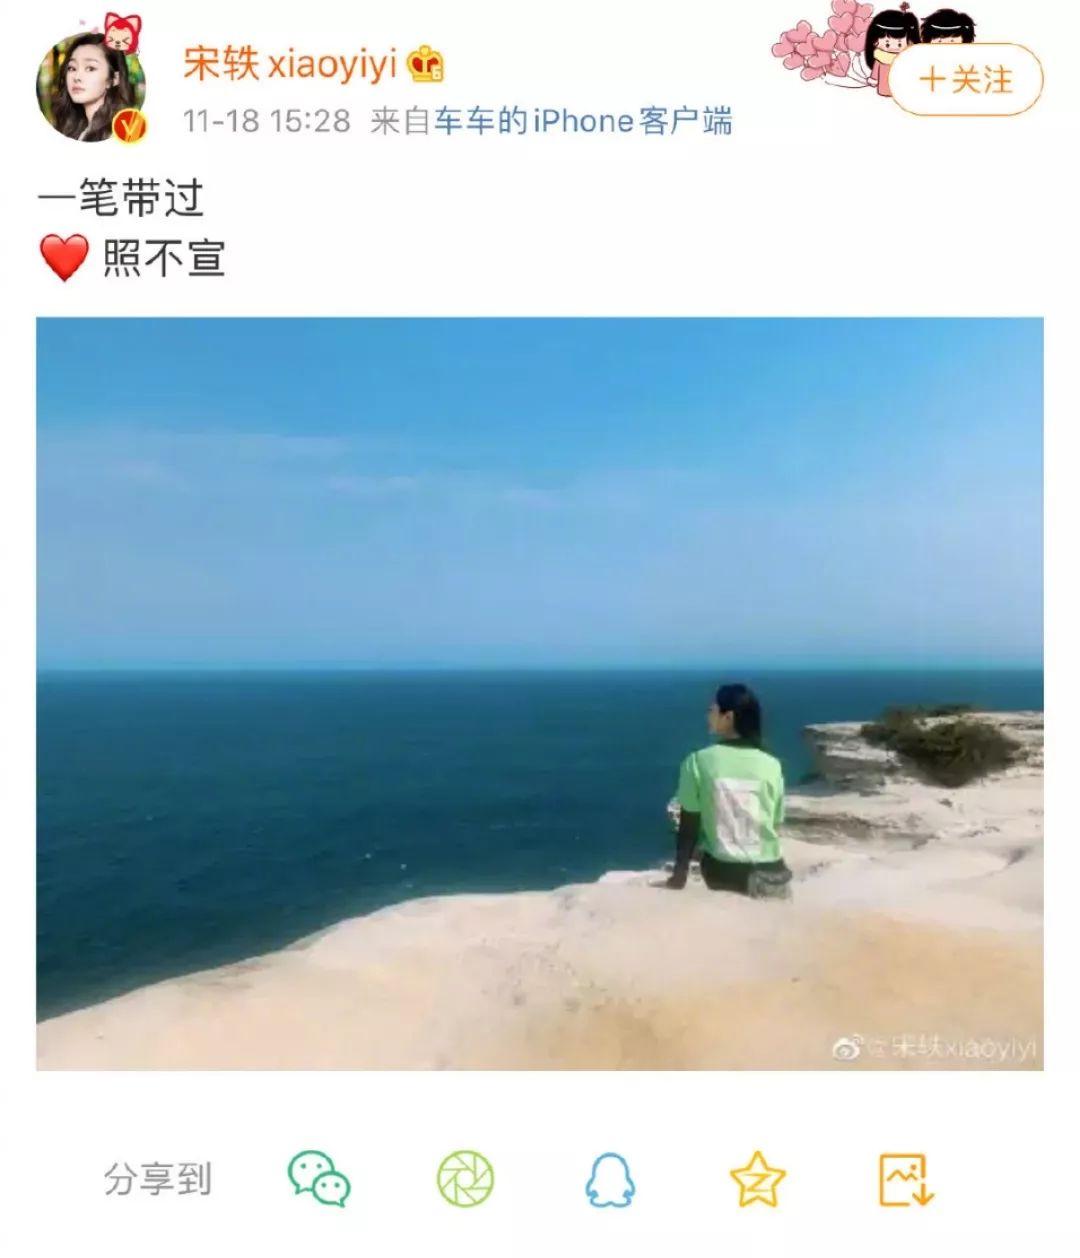 """宋轶秒删、赵丽颖发汉堡图,演员与剧组的恩怨能""""一笔带过""""吗?_网友"""